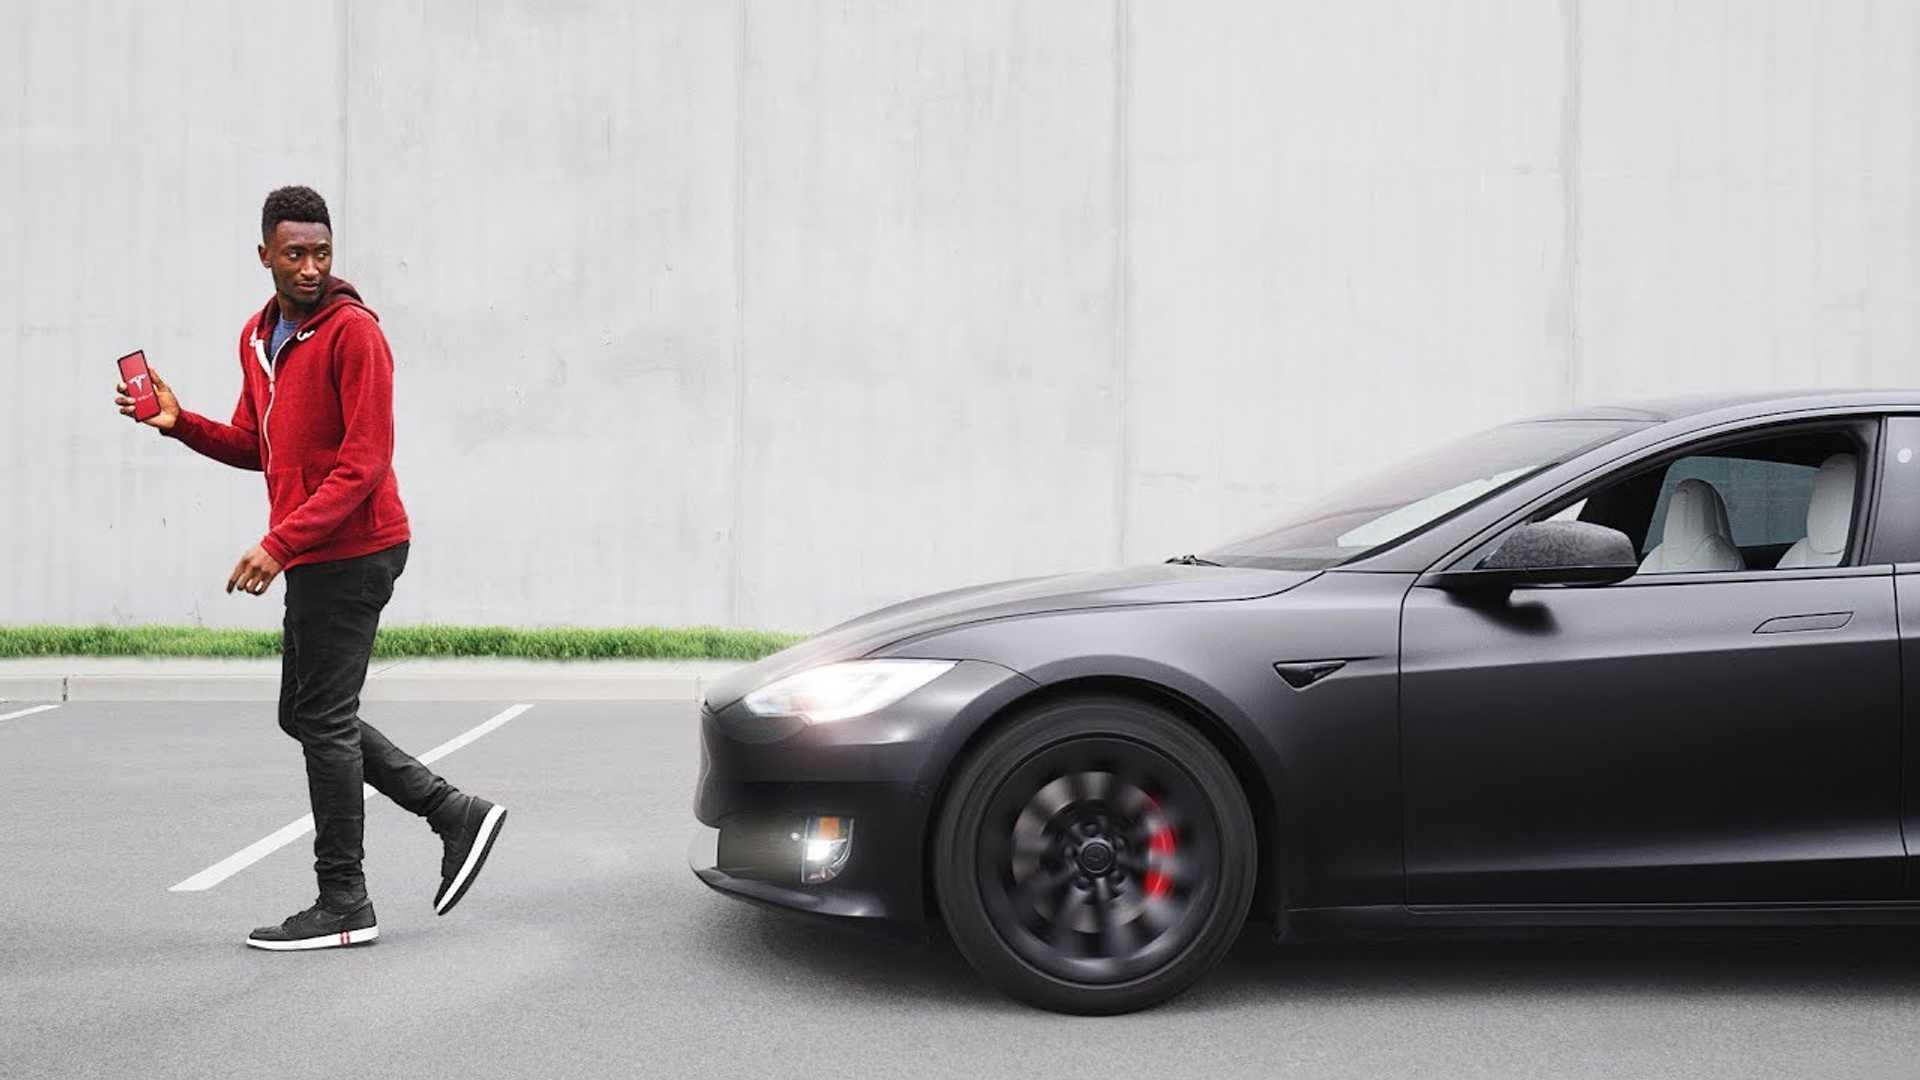 Посмотрите это видео о том, как Tesla Model S развивалась и совершенствовалась с течением времени